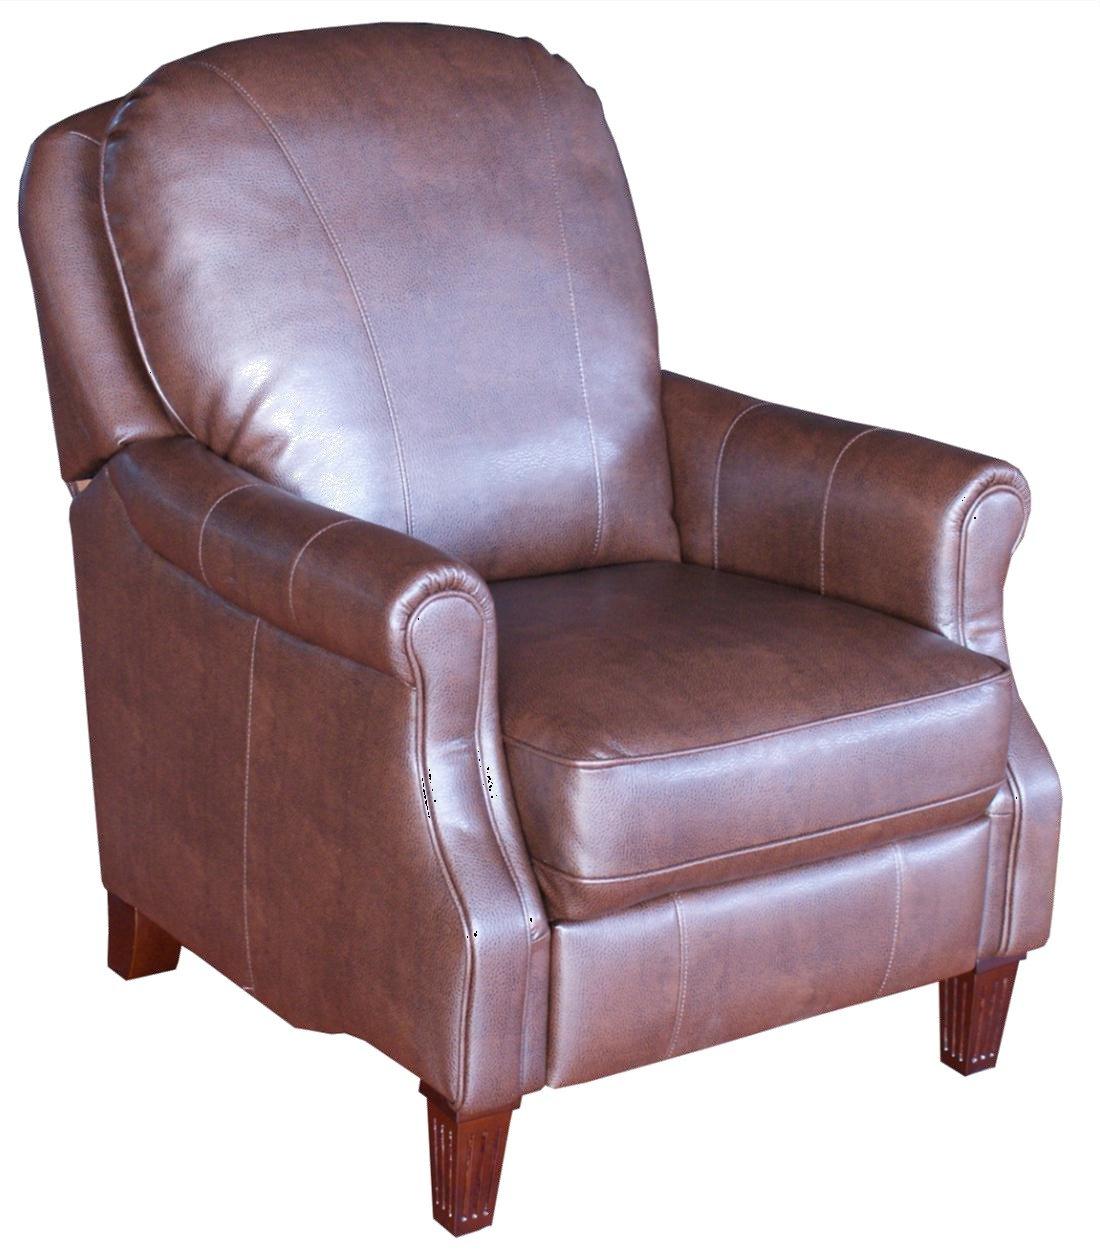 Excellent Amazon Com Barcalounger Sterling Ii Recliner Laredo Brown Inzonedesignstudio Interior Chair Design Inzonedesignstudiocom